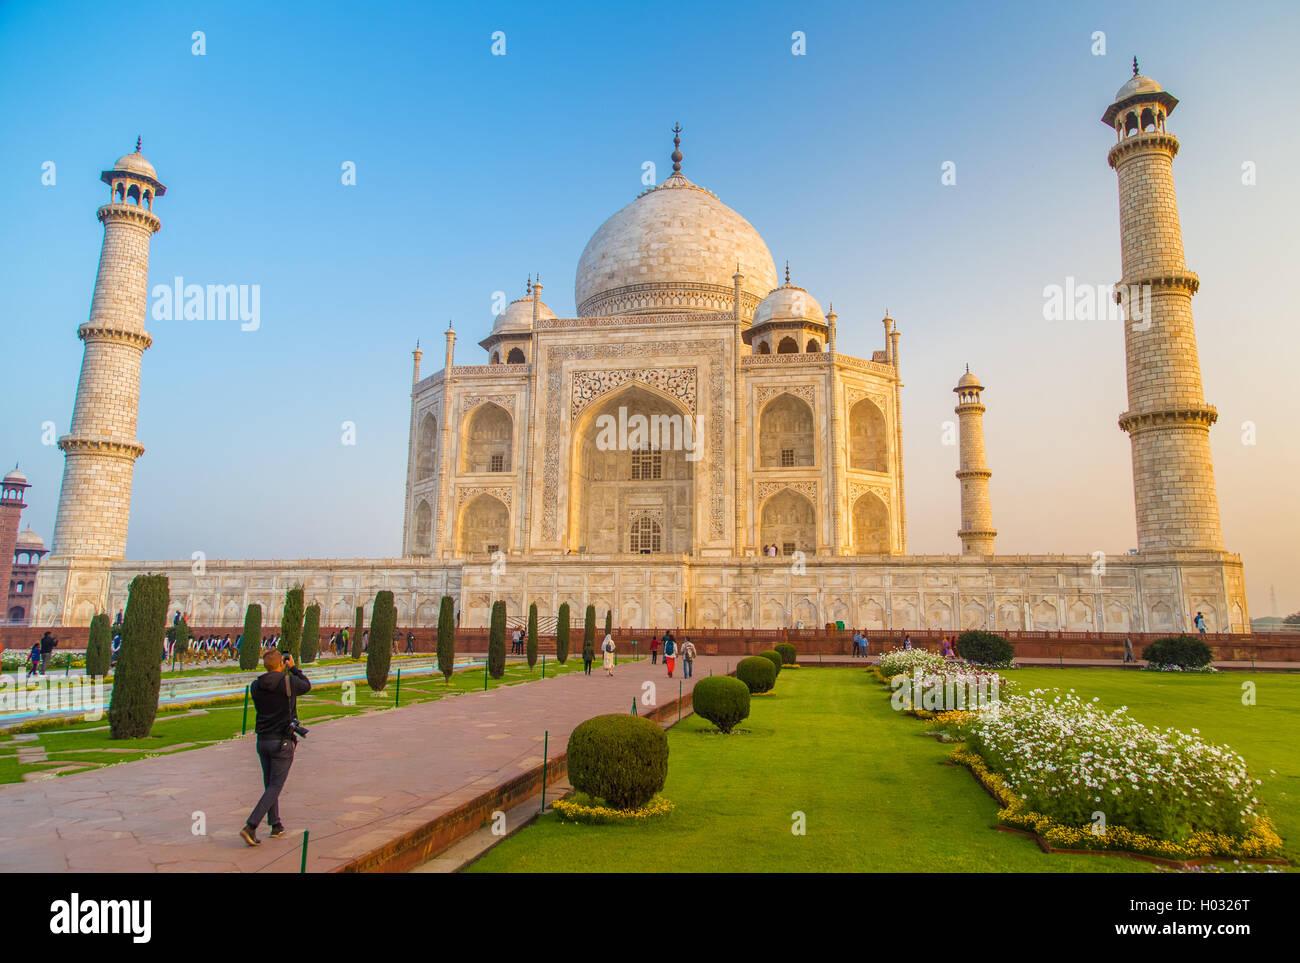 AGRA, Indien - 28. Februar 2015: Ansicht des Taj Mahal in Richtung Süden. Besucher mit Kamera. Stockbild